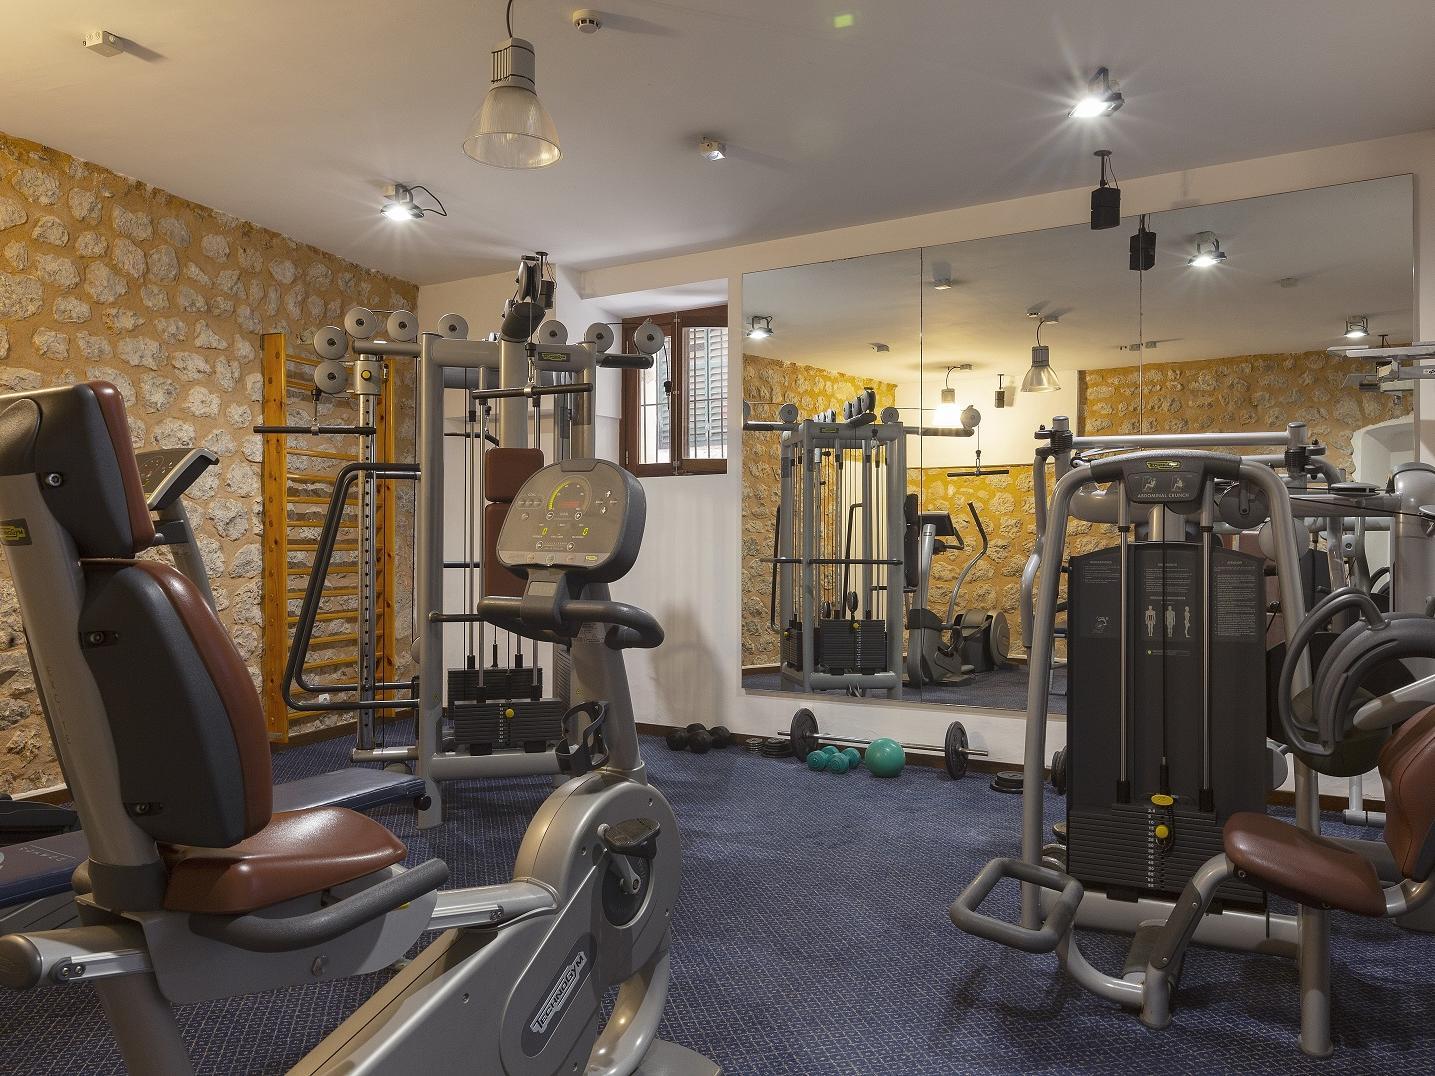 Fitness center at Gran Hotel Sóller in Sóller, Majorca